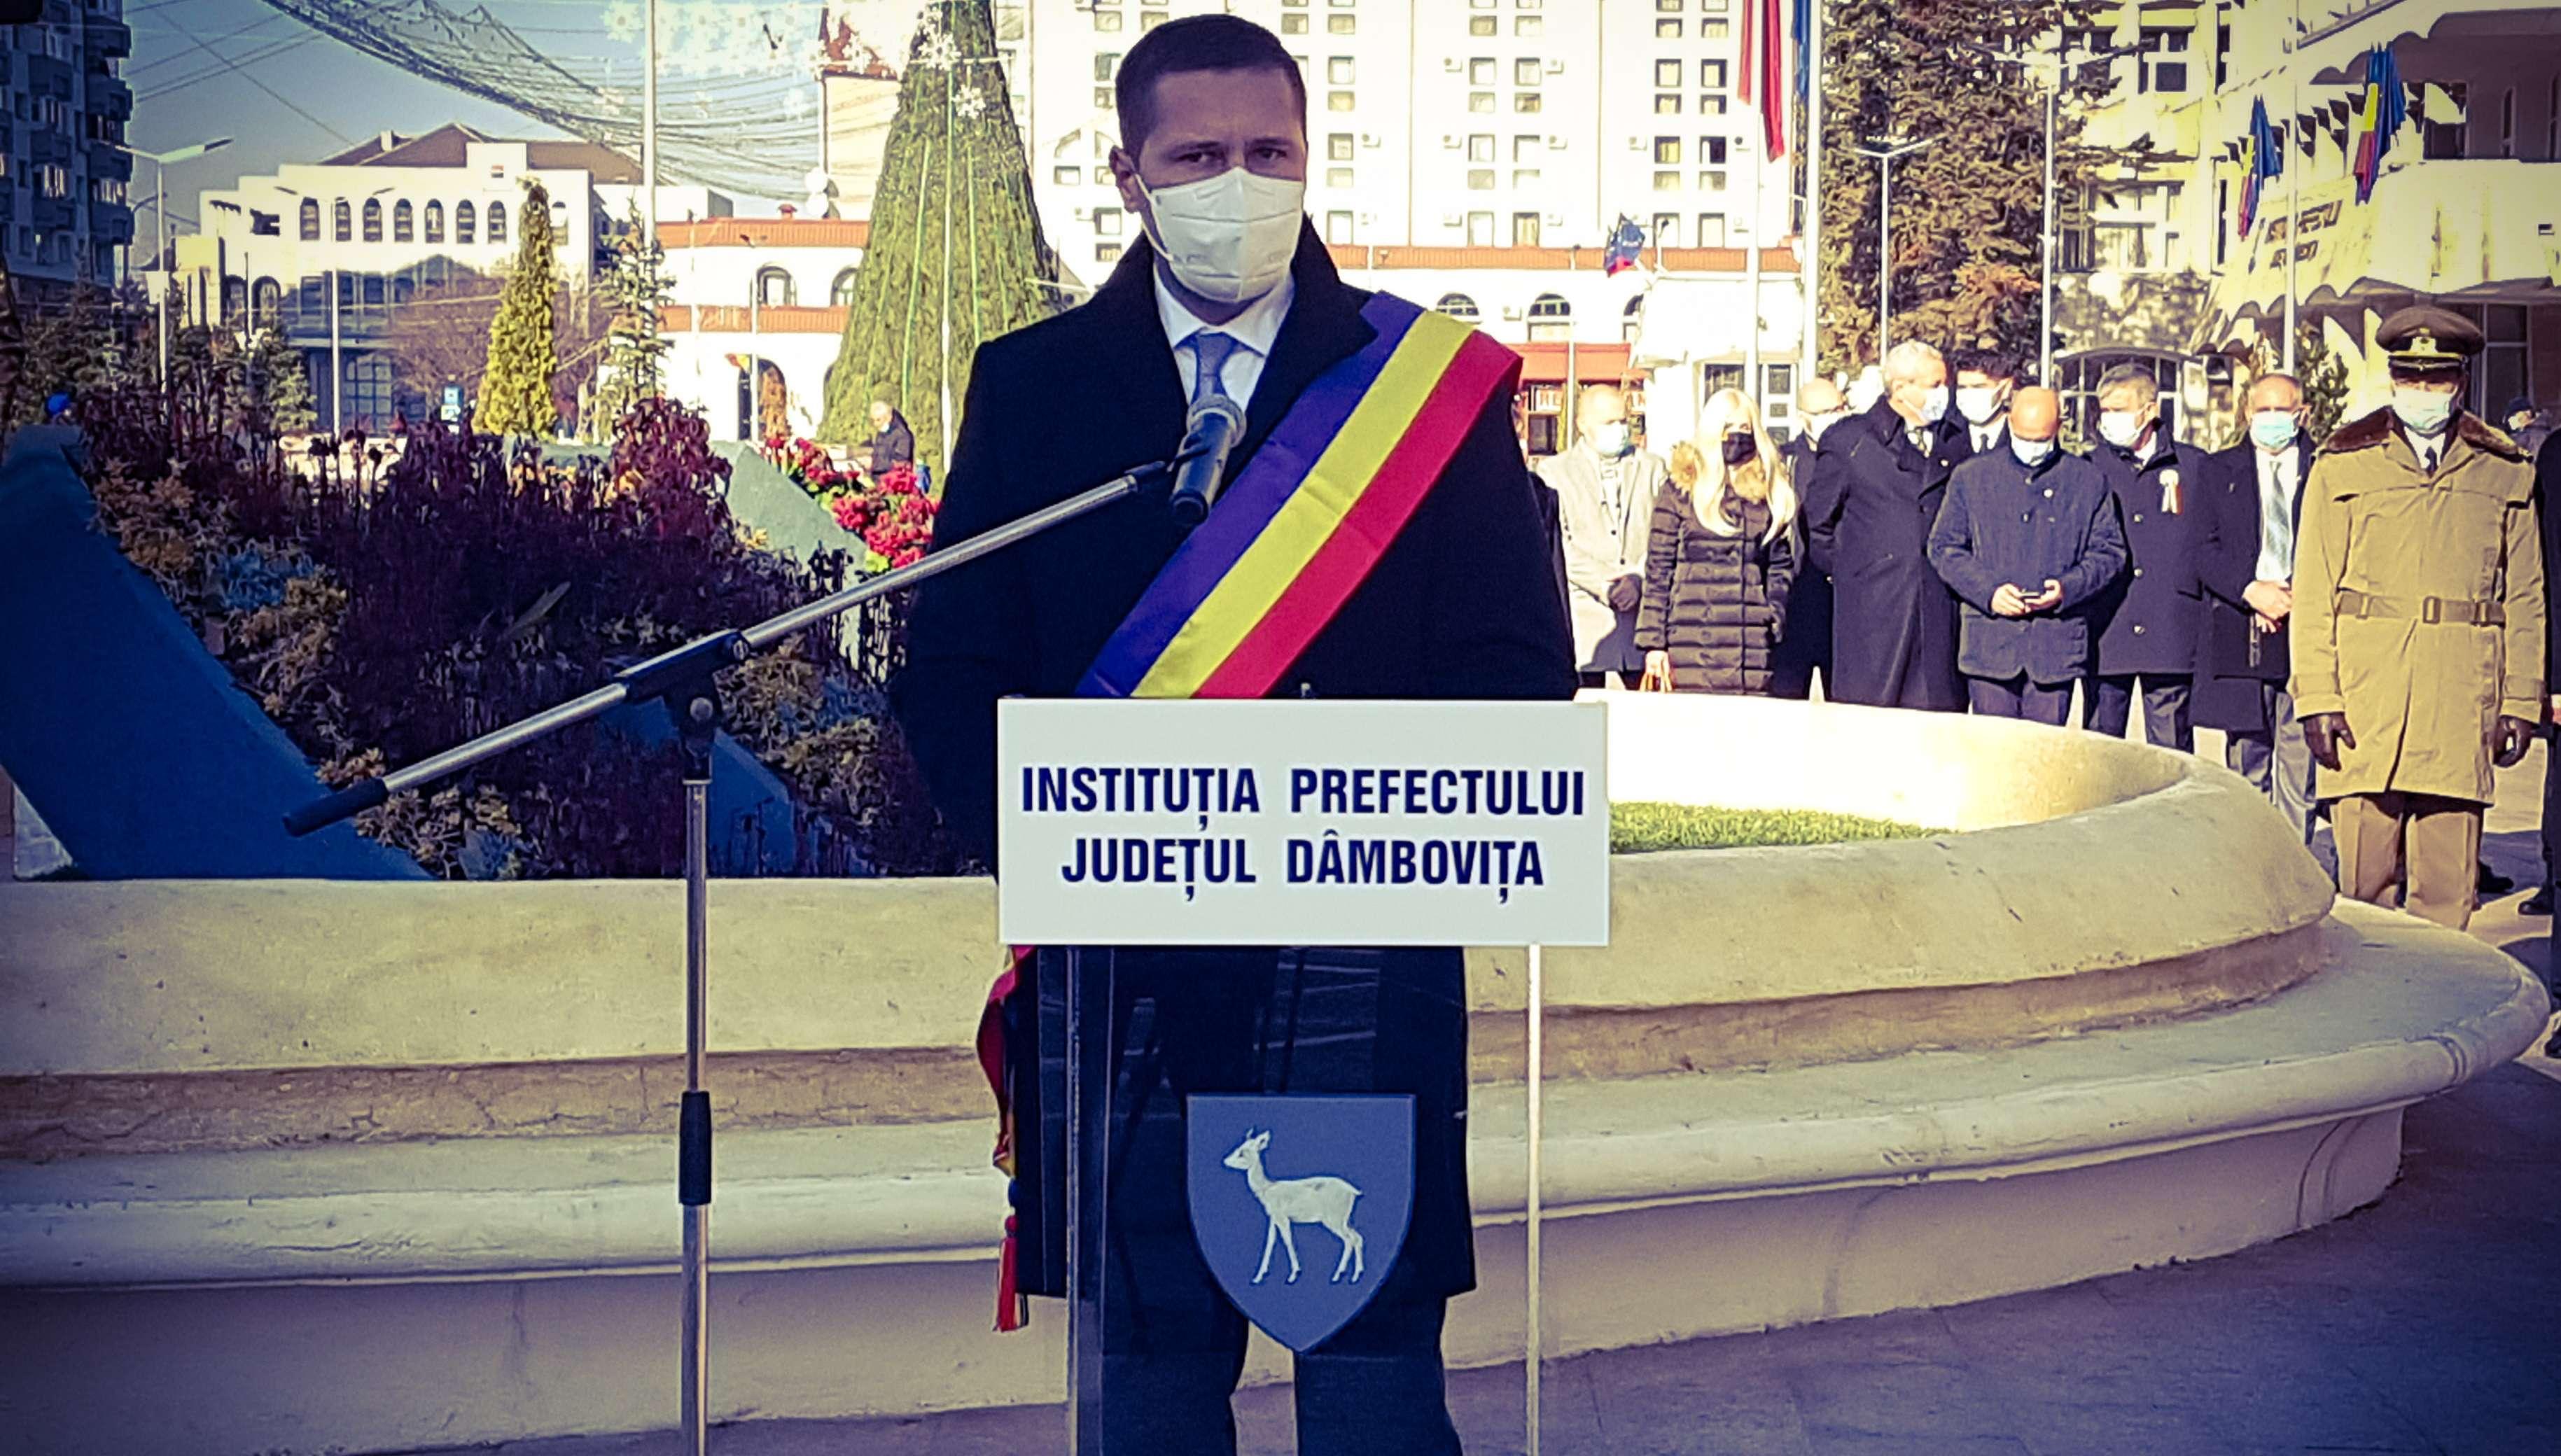 Președintele CJD, Corneliu Ștefan: Să ne unim eforturile, să fim uniți, să acționăm ca o națiune demnă și puternică, să ne respectăm trecutul și prezentul!